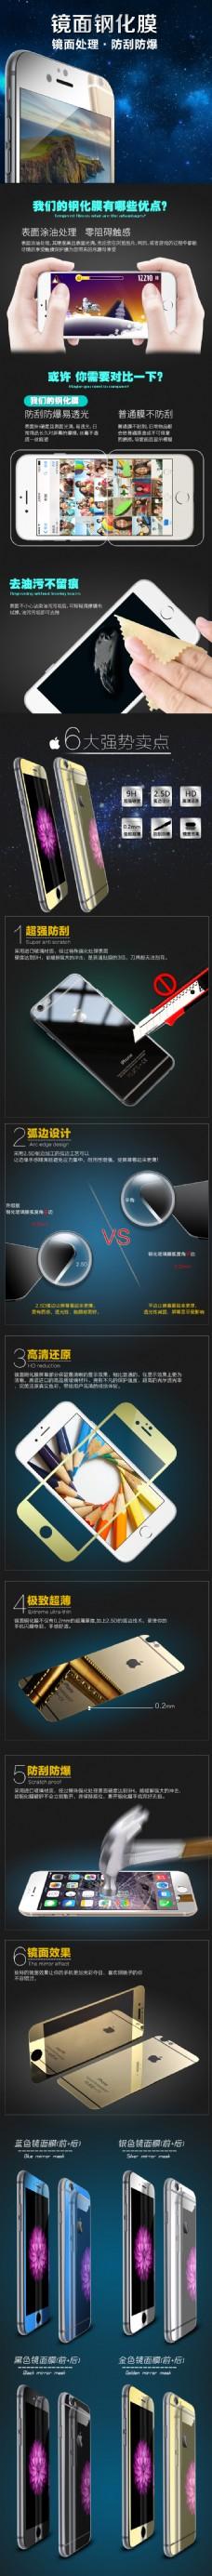 iphone苹果6镜面钢化膜详情